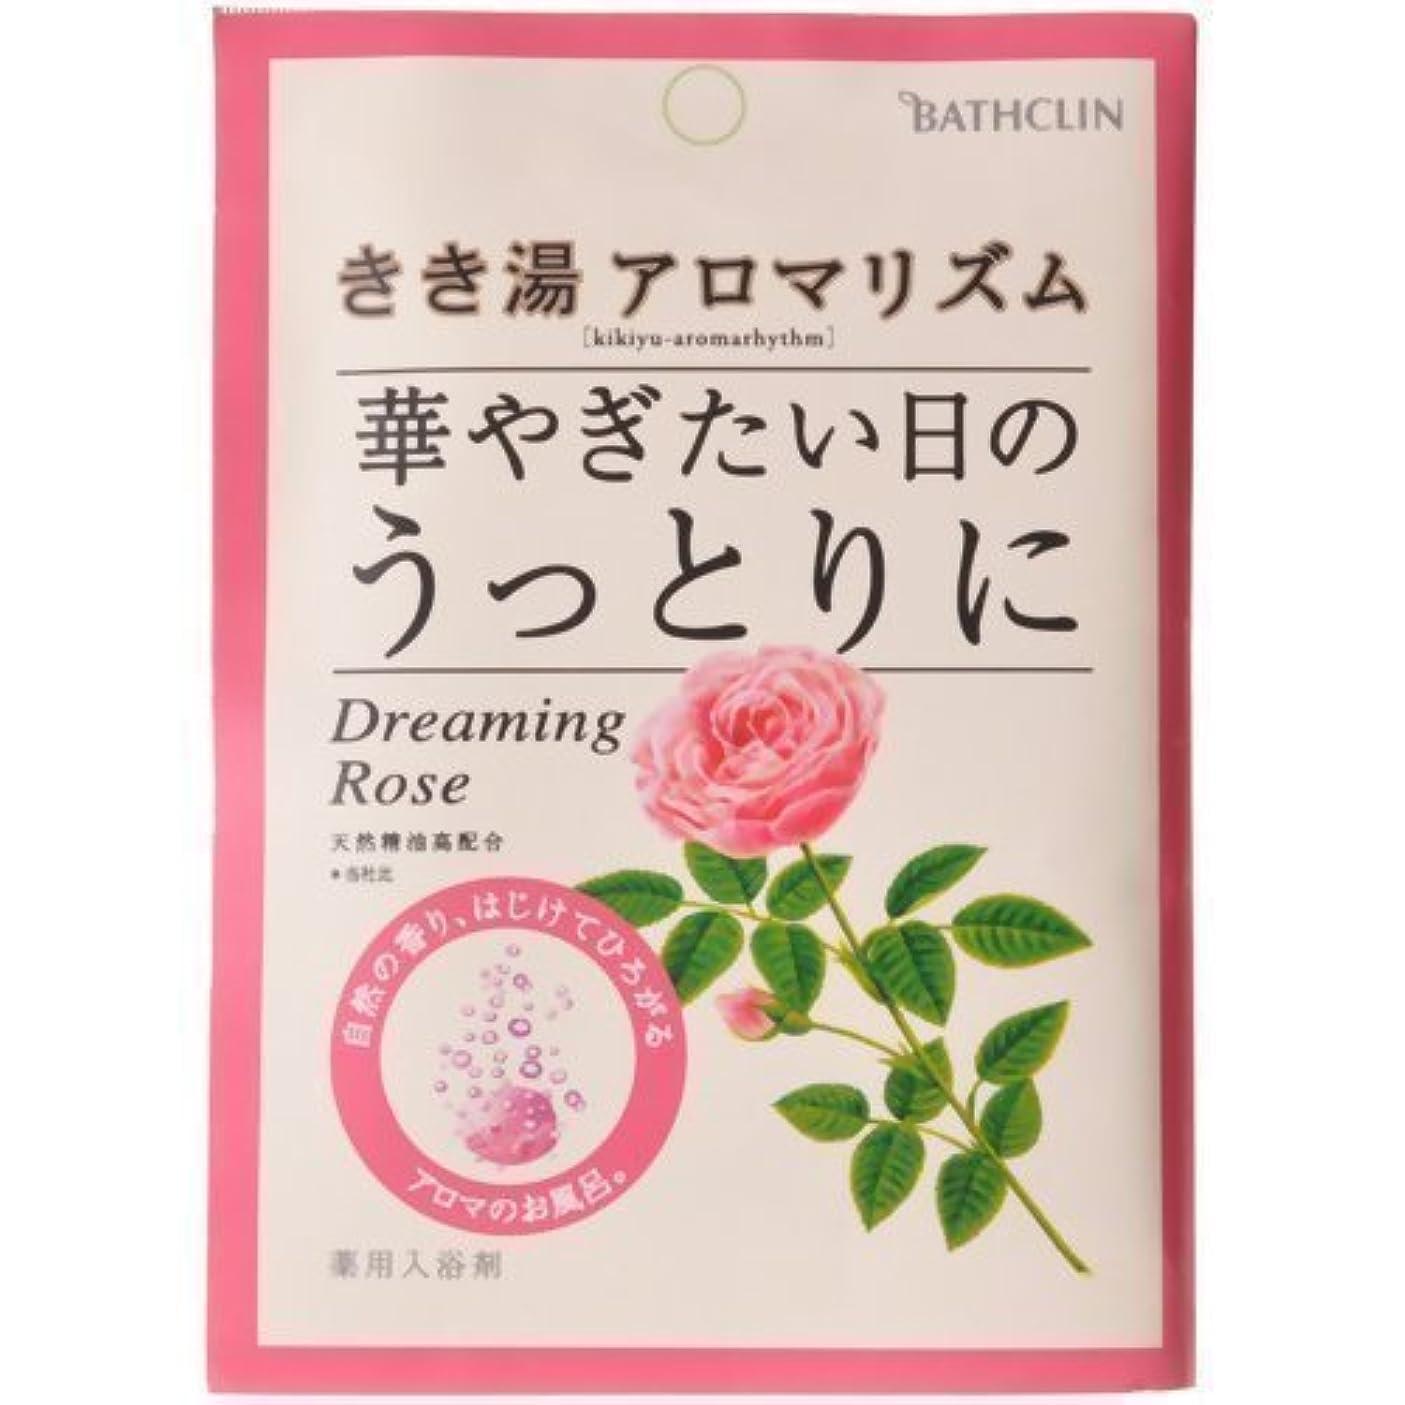 硬さペア敬意【まとめ買い】きき湯 アロマリズム ドリーミングローズの香り 30g ×6個